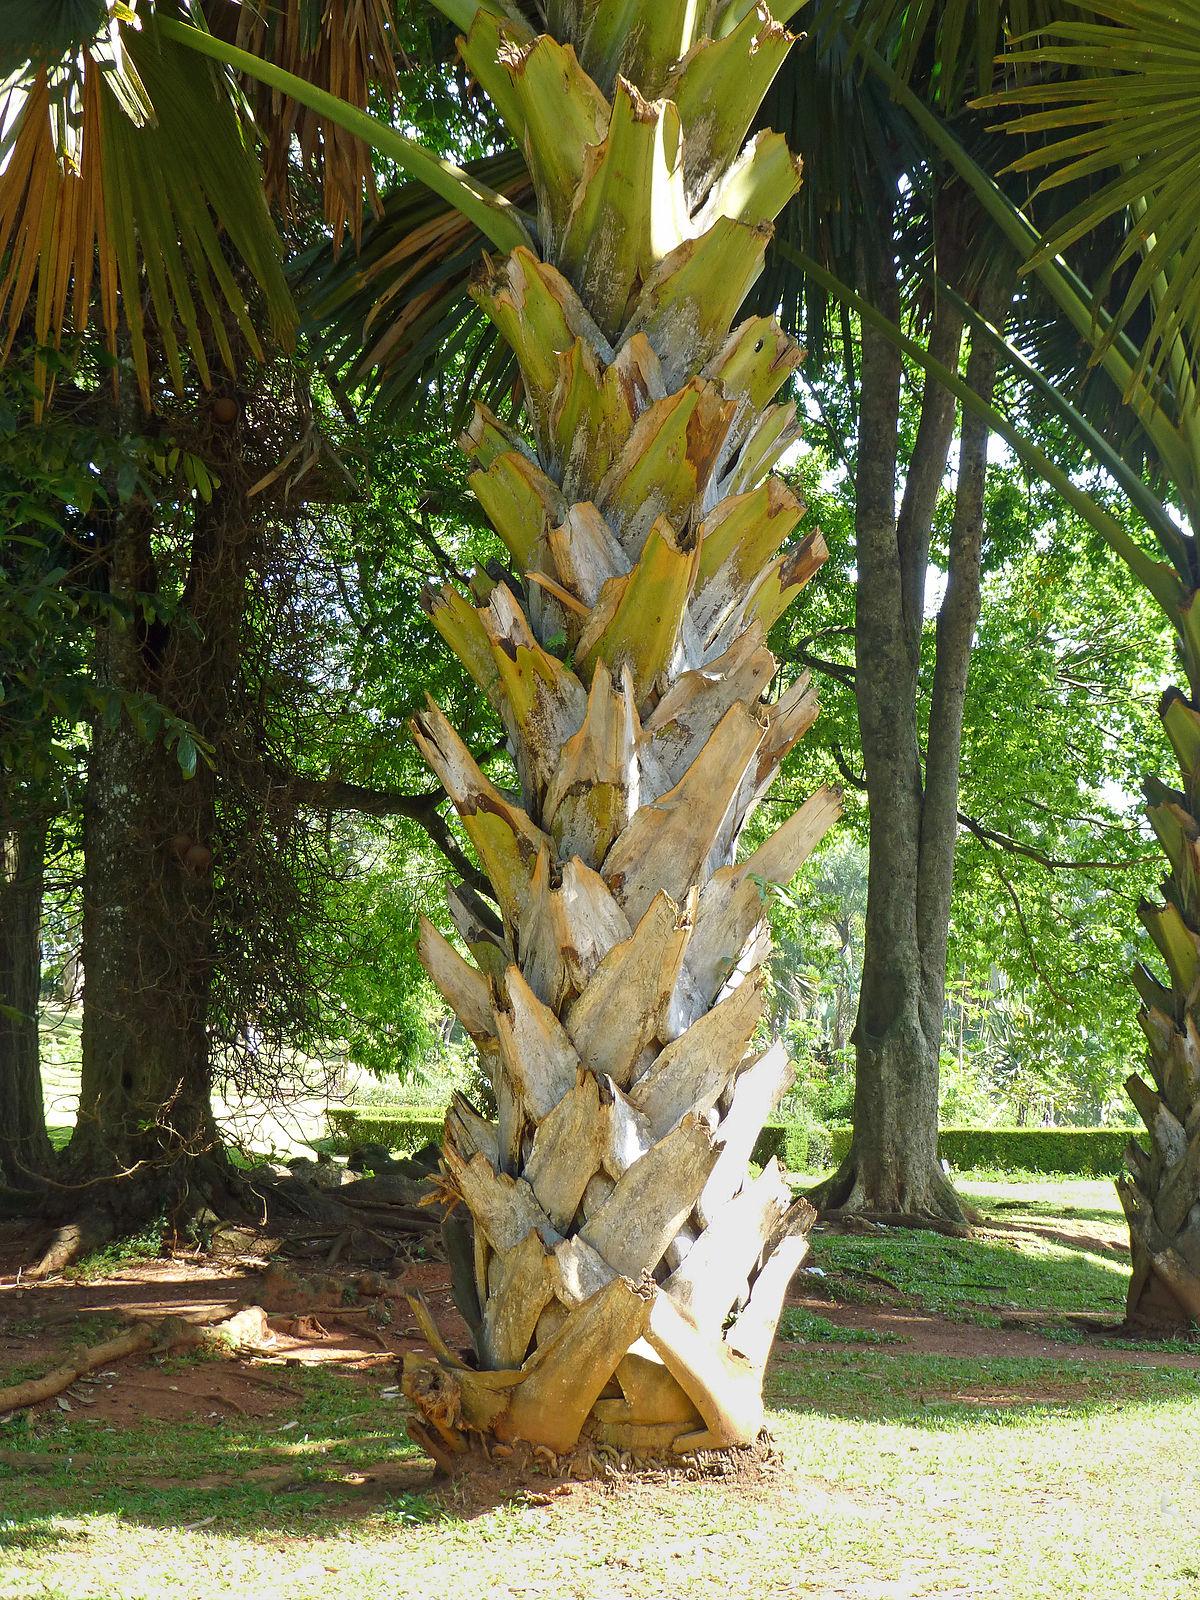 1200px Corypha umbraculifera Jardin botanique de Kandy 2